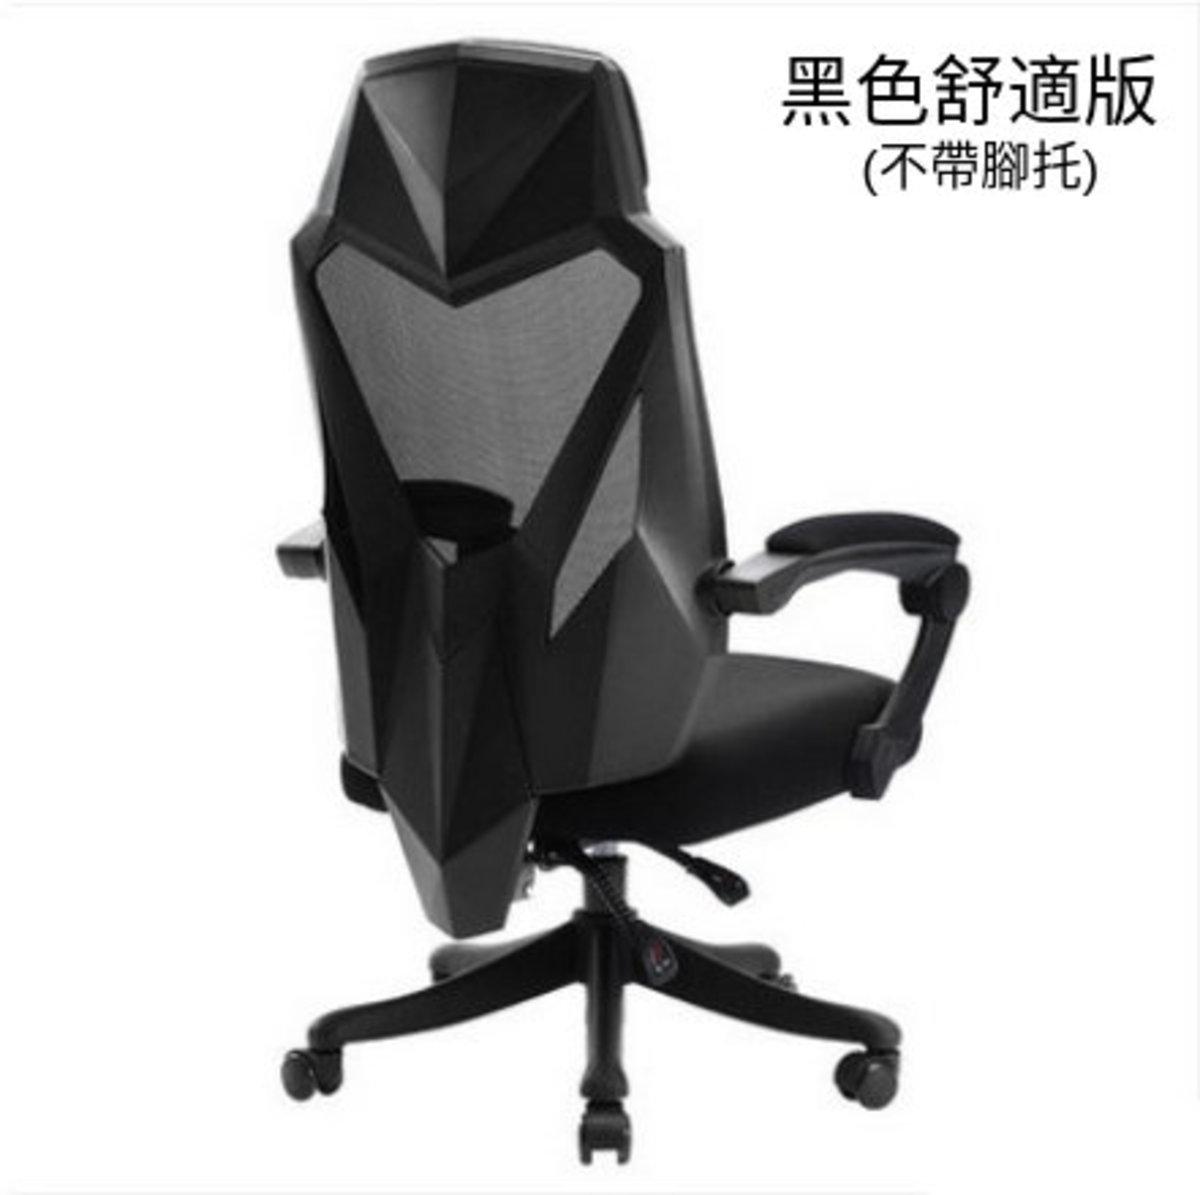 鑽石切割設計電腦椅 帶腳托可躺電競椅 HDNY133 - 黑色舒適版 (PU椅腳, 不帶腳托)